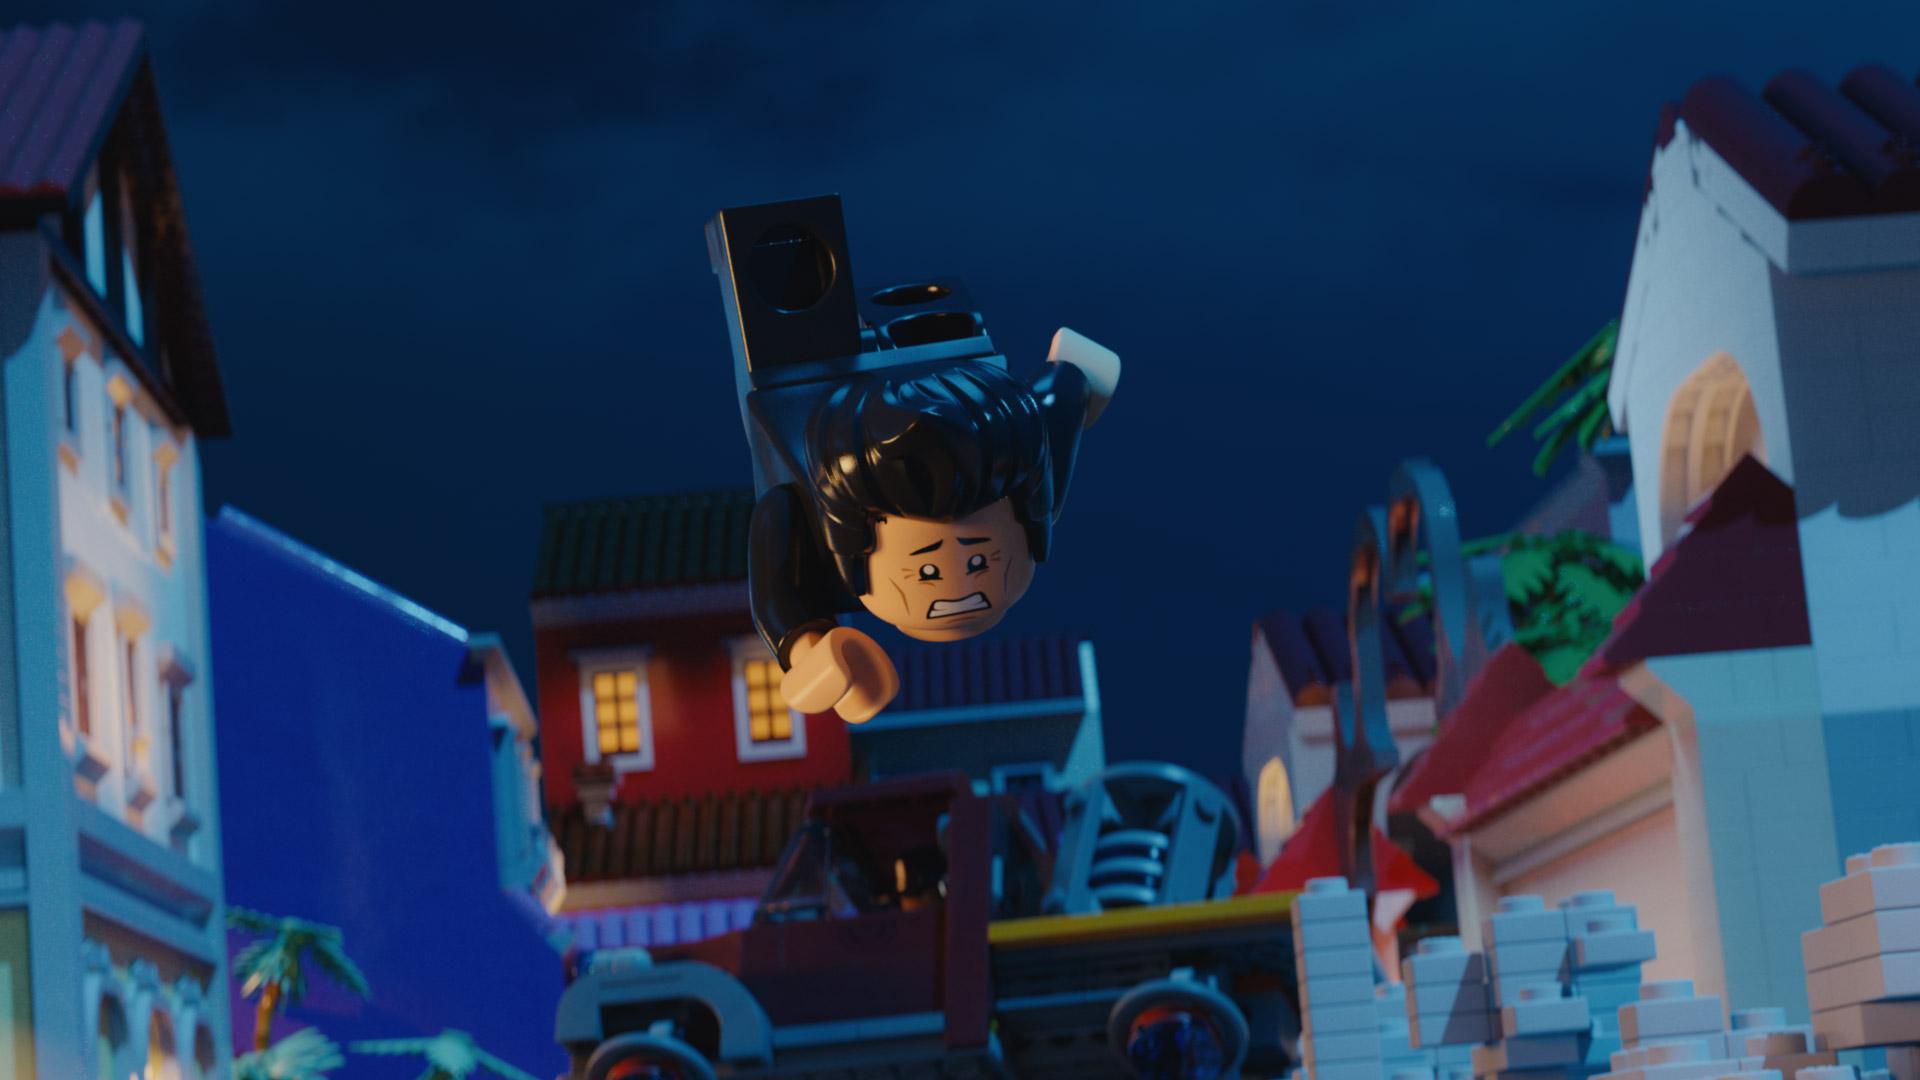 LEGO_OW_94978